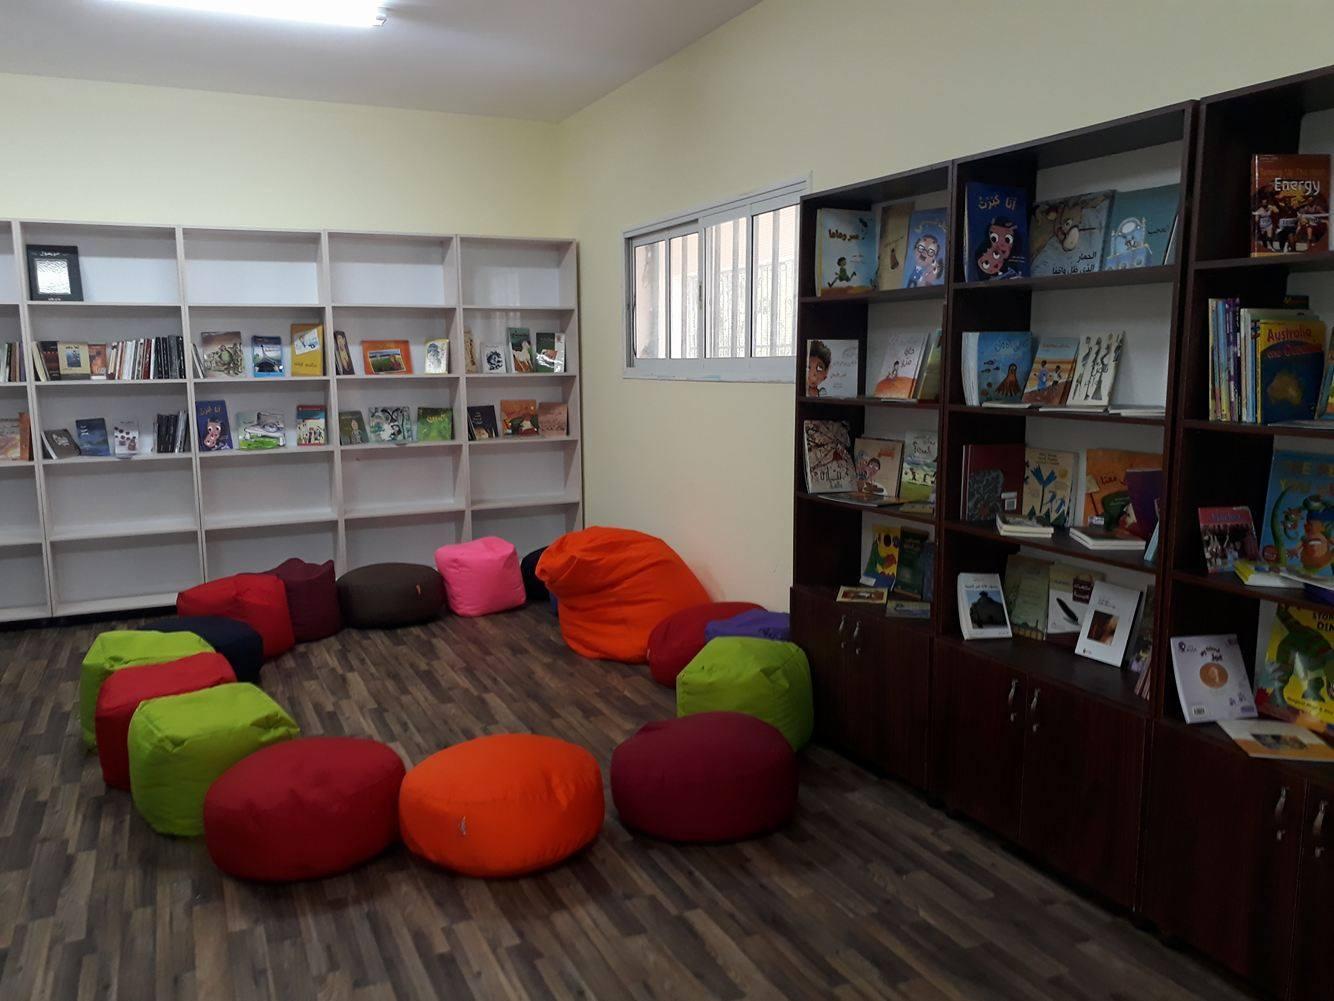 الانتهاء من تجهيز مكتبة برطعة المجتمعية وبدء نشاطاتها.